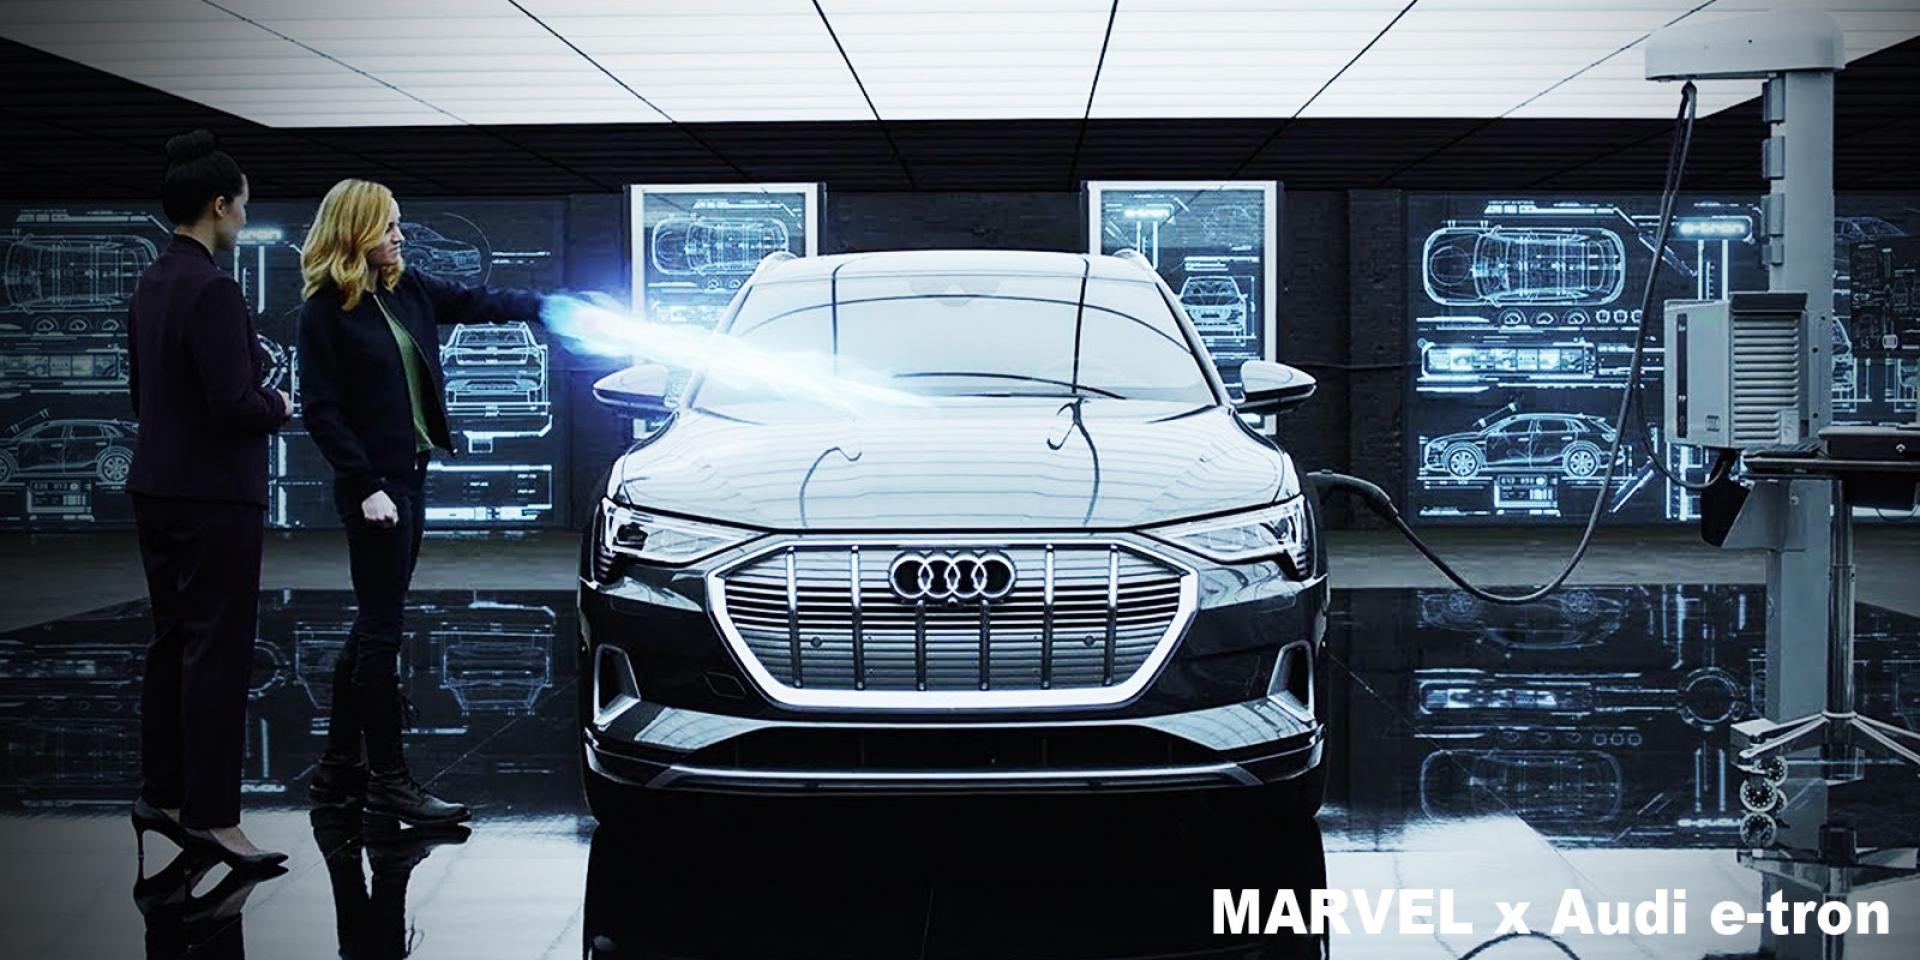 無雷!驚奇隊長最新配備:Audi e-tron